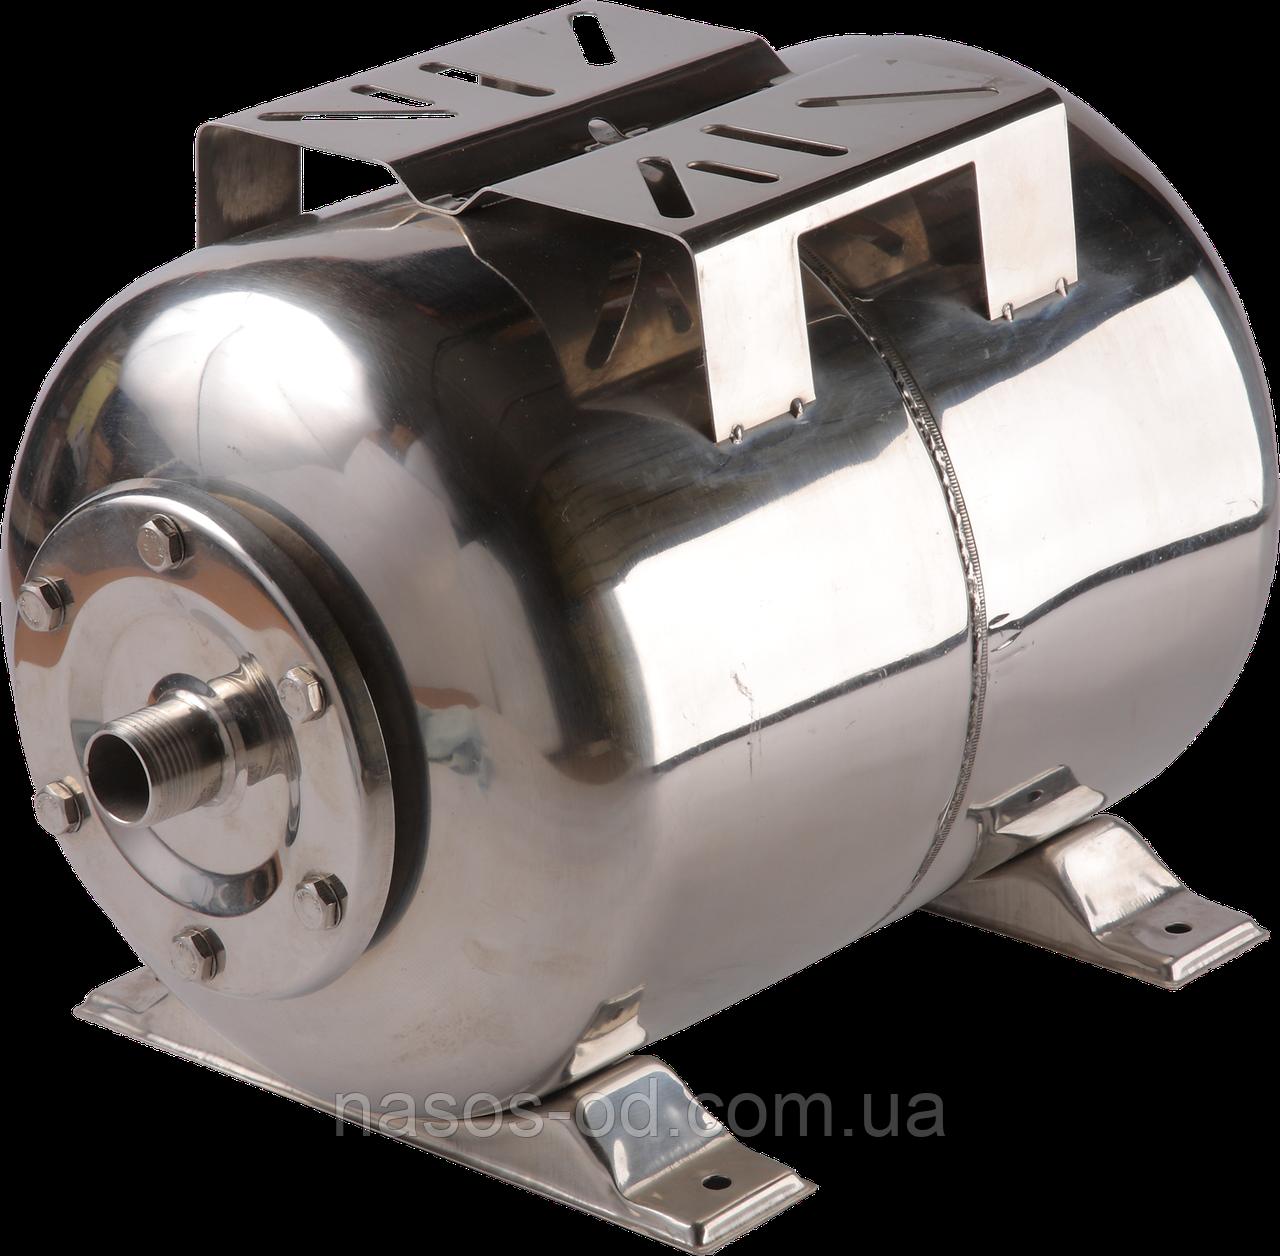 Гидроаккумулятор для воды Kenle РТ 24 горизонтальный 24л (нерж, разборной)